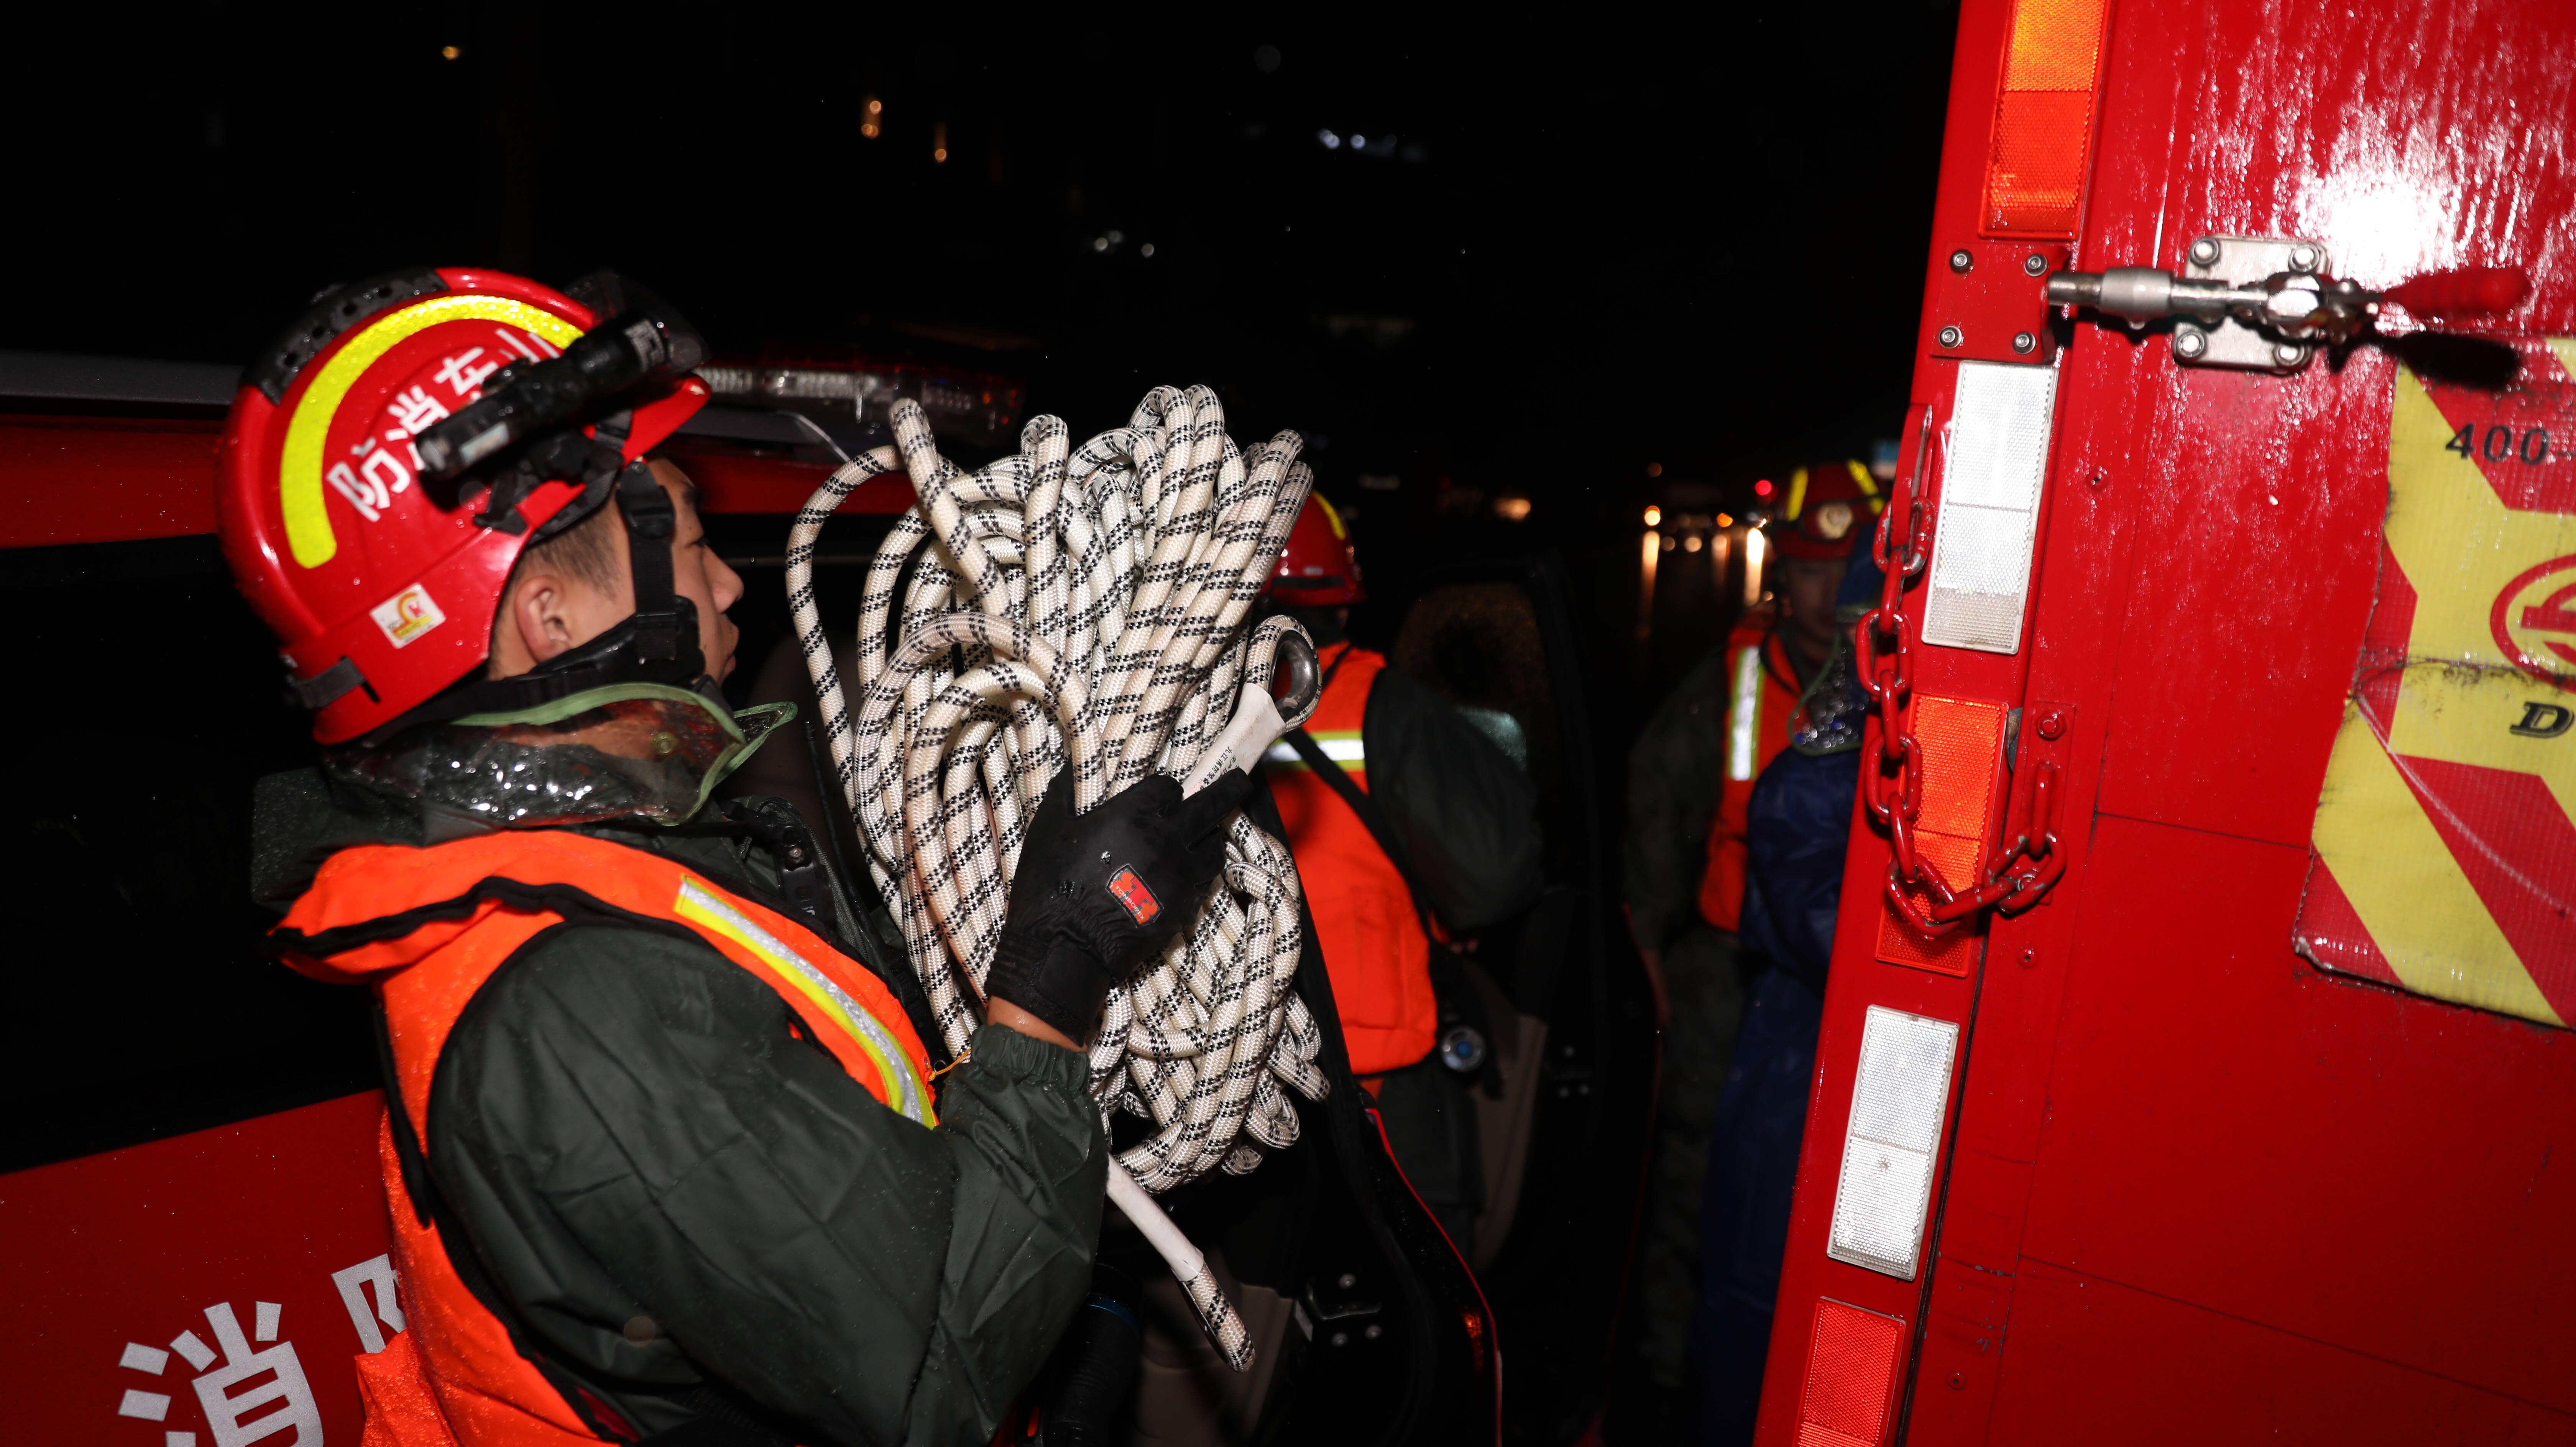 山东消防总队聊城支队雨夜紧急赶赴灾区疏散群众